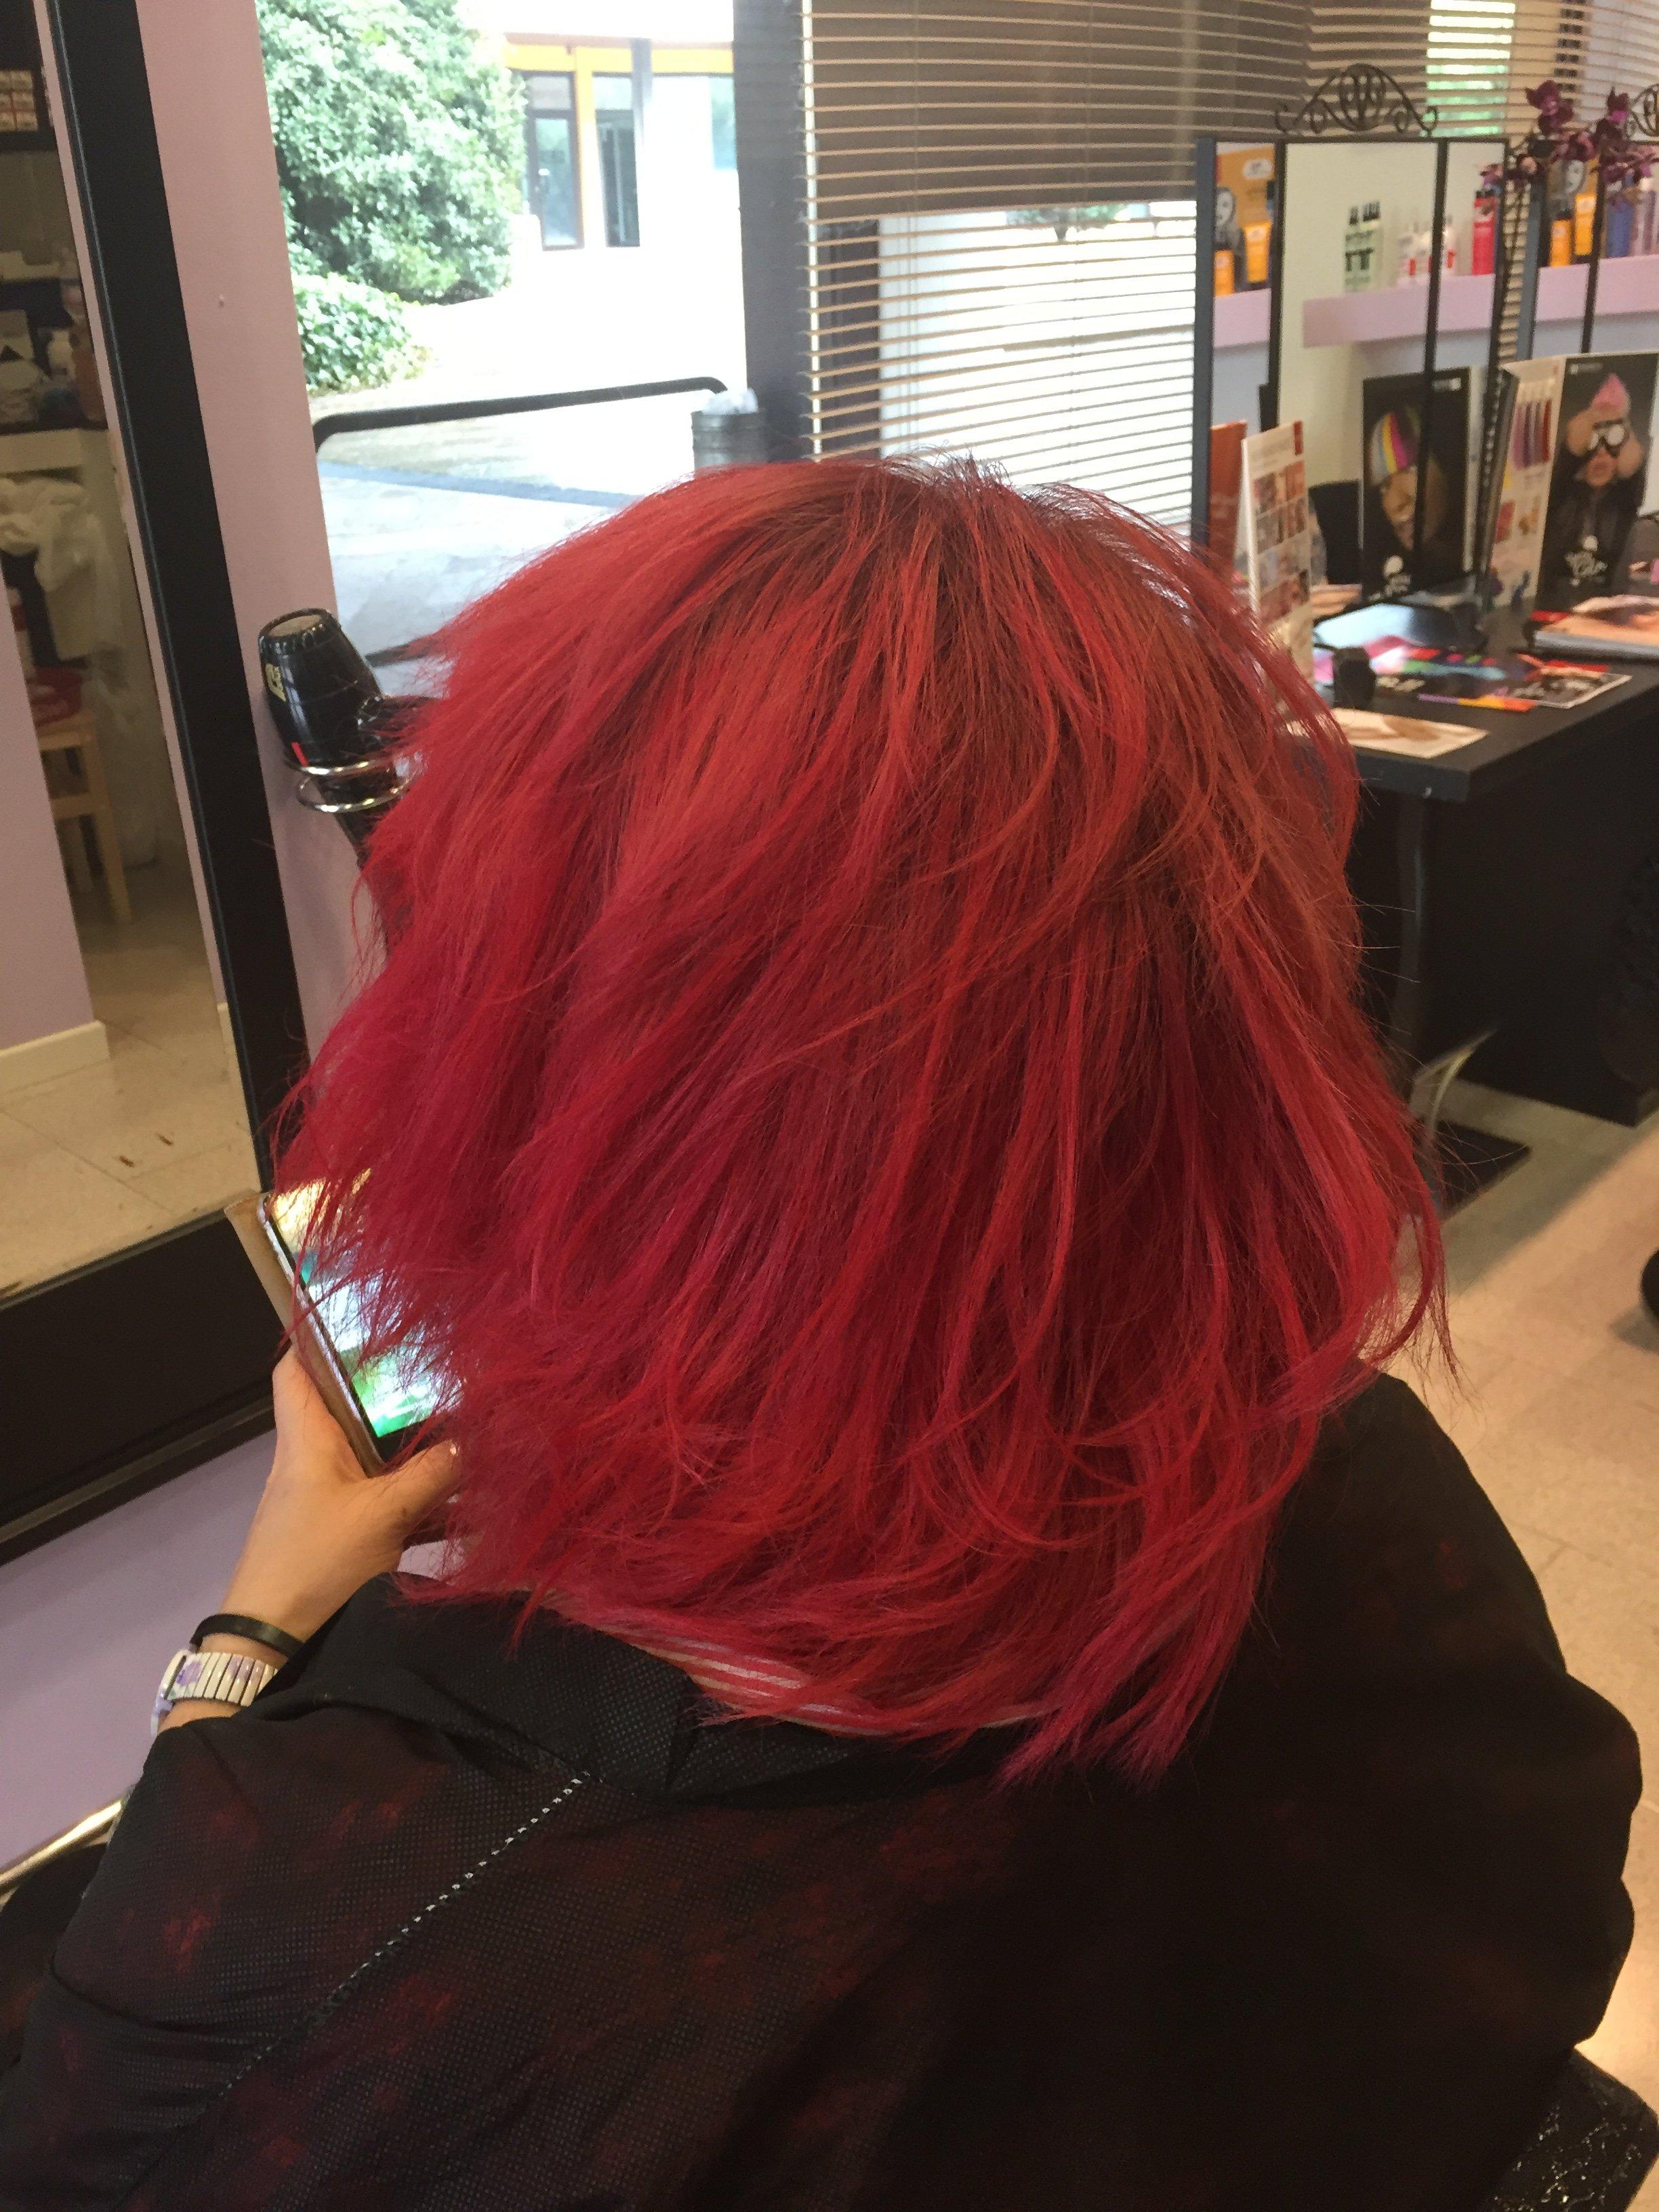 una donna con capelli corti mossi e rossi